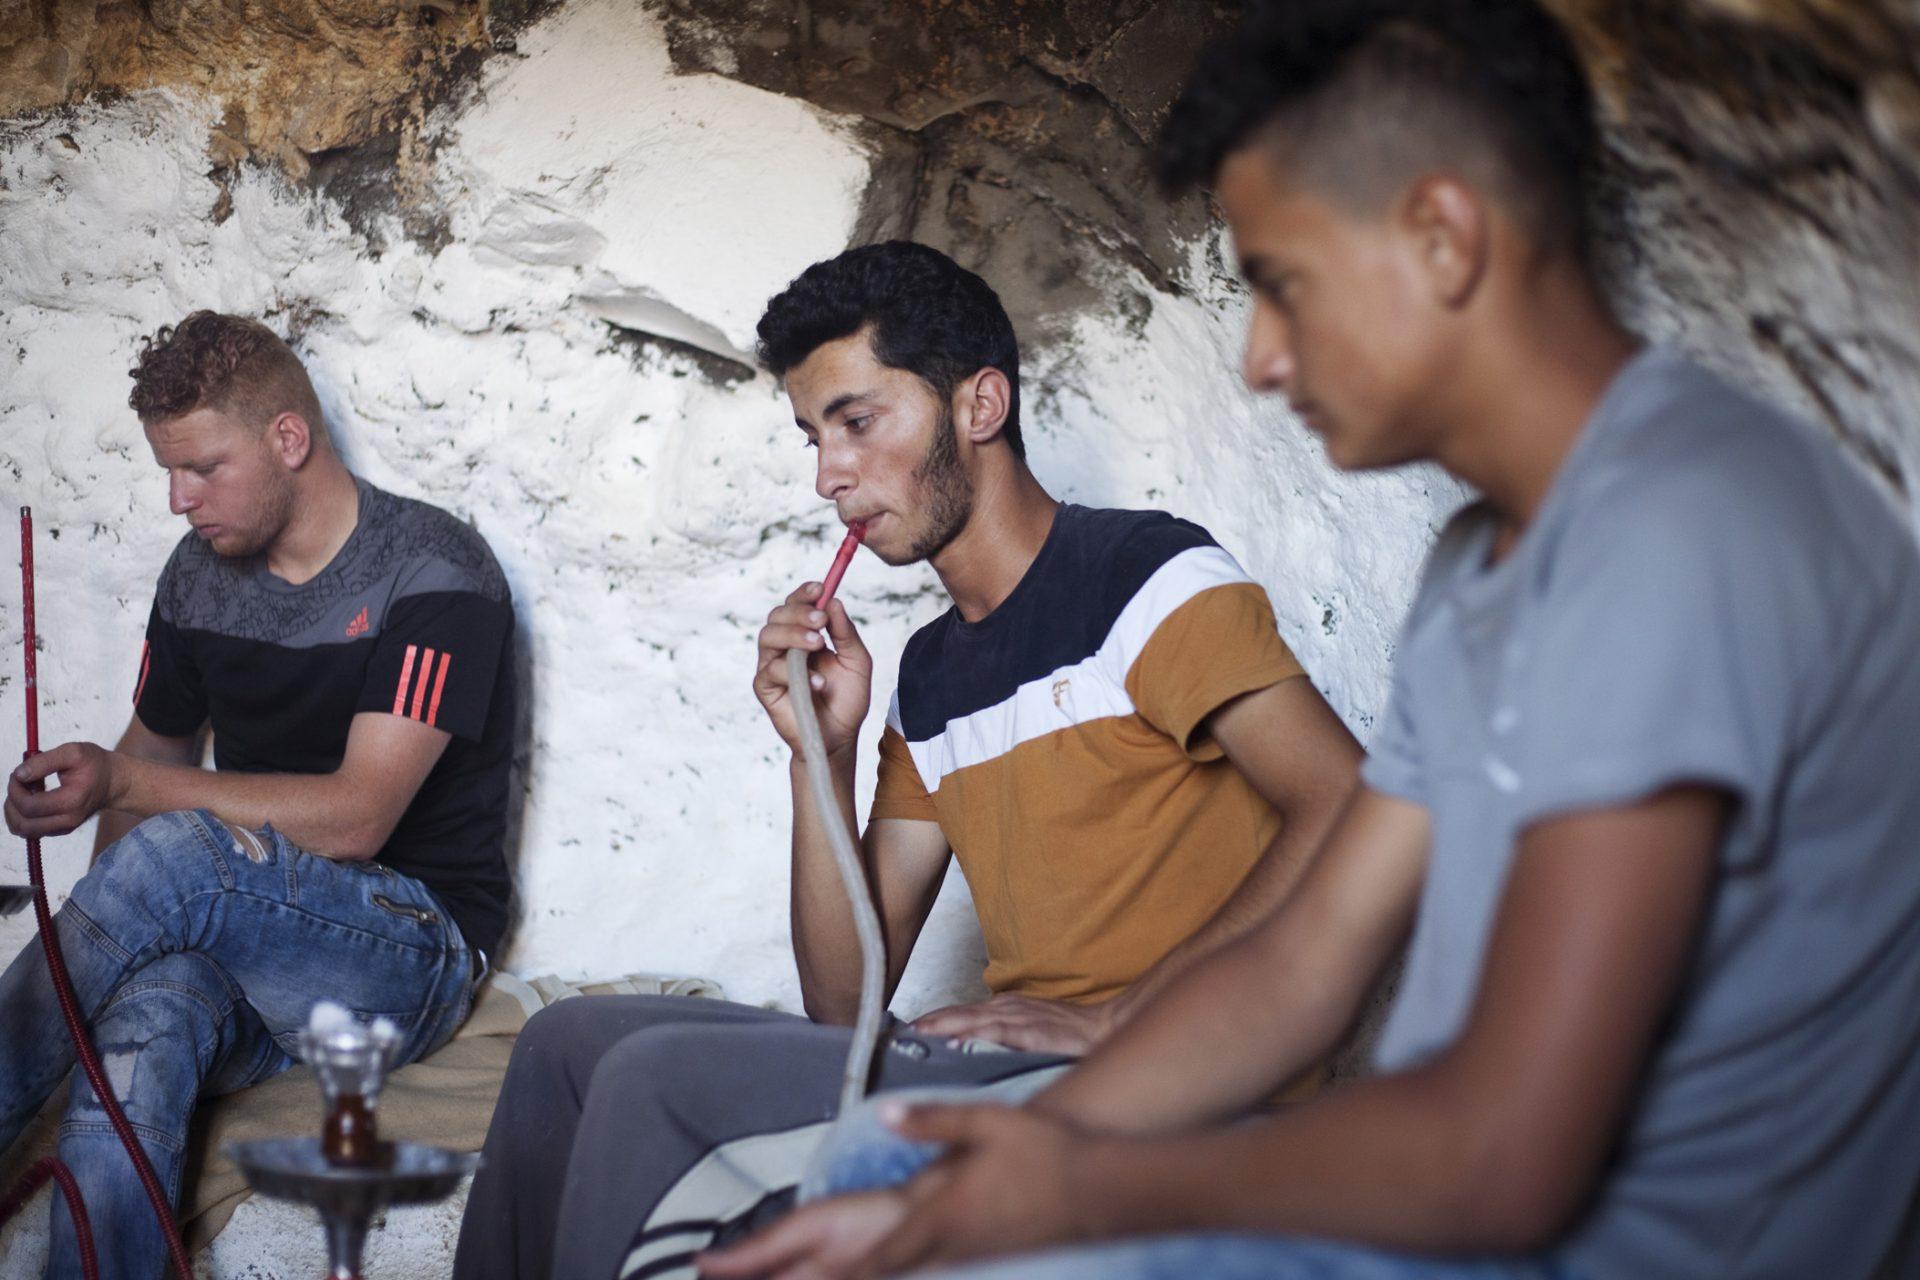 Pour l'instant ce sont les jeunes du village qui poursuivent l'occupation et la rénovation du lieu. Ils se relaient la nuit pour y dormir, de peur que les colons ne viennent s'y installer.